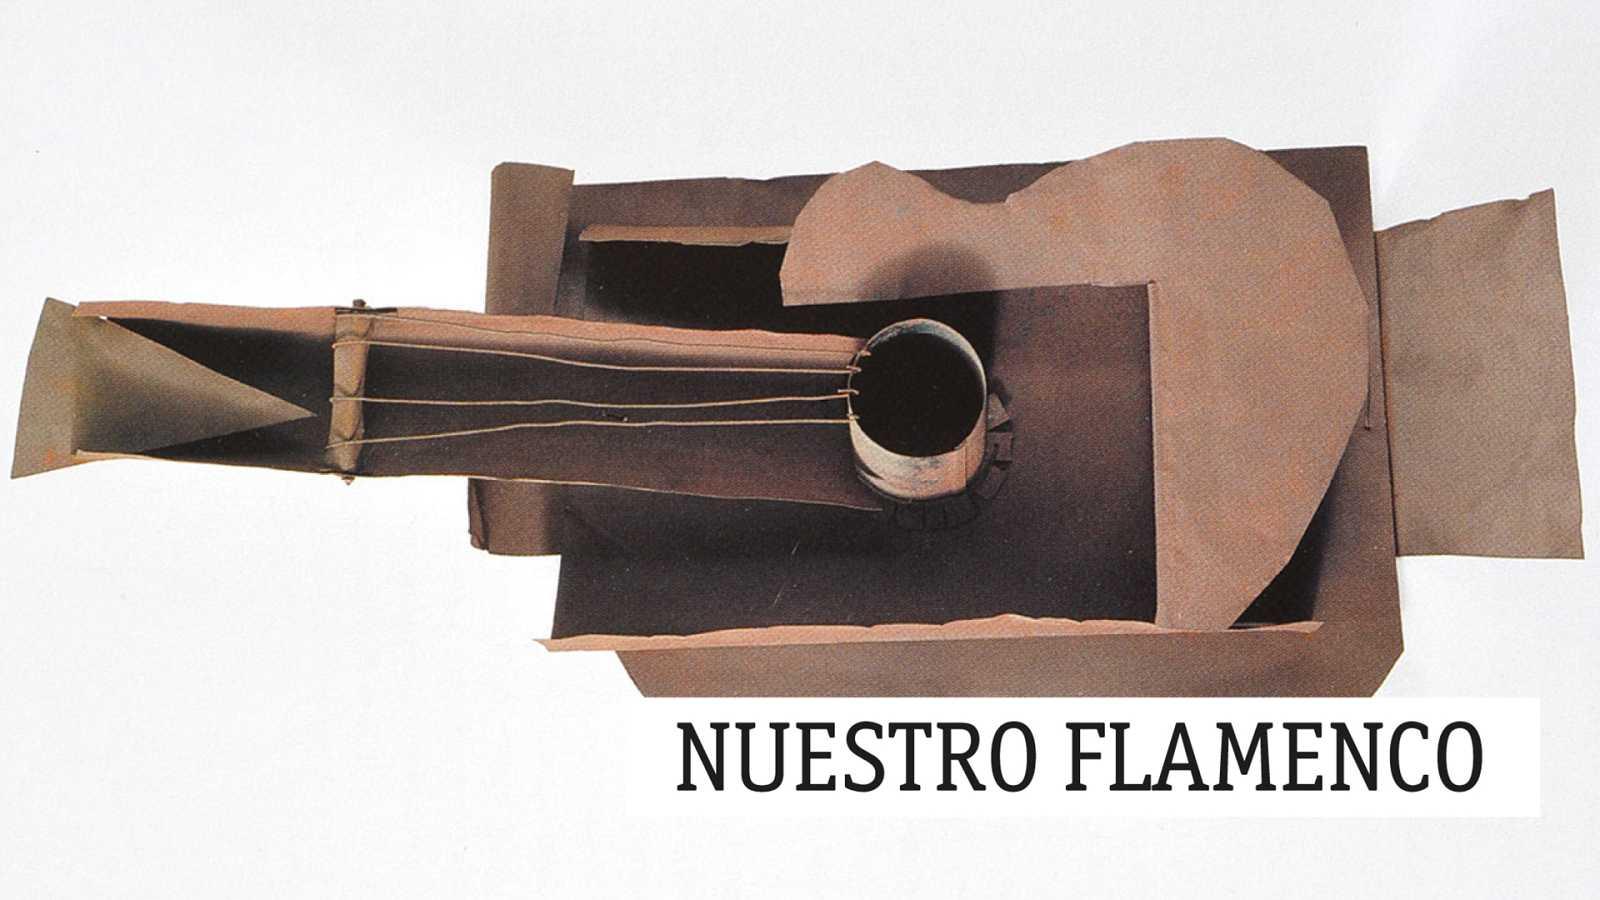 Nuestro flamenco - Pablo Suárez y su origen - 22/12/20 - escuchar ahora